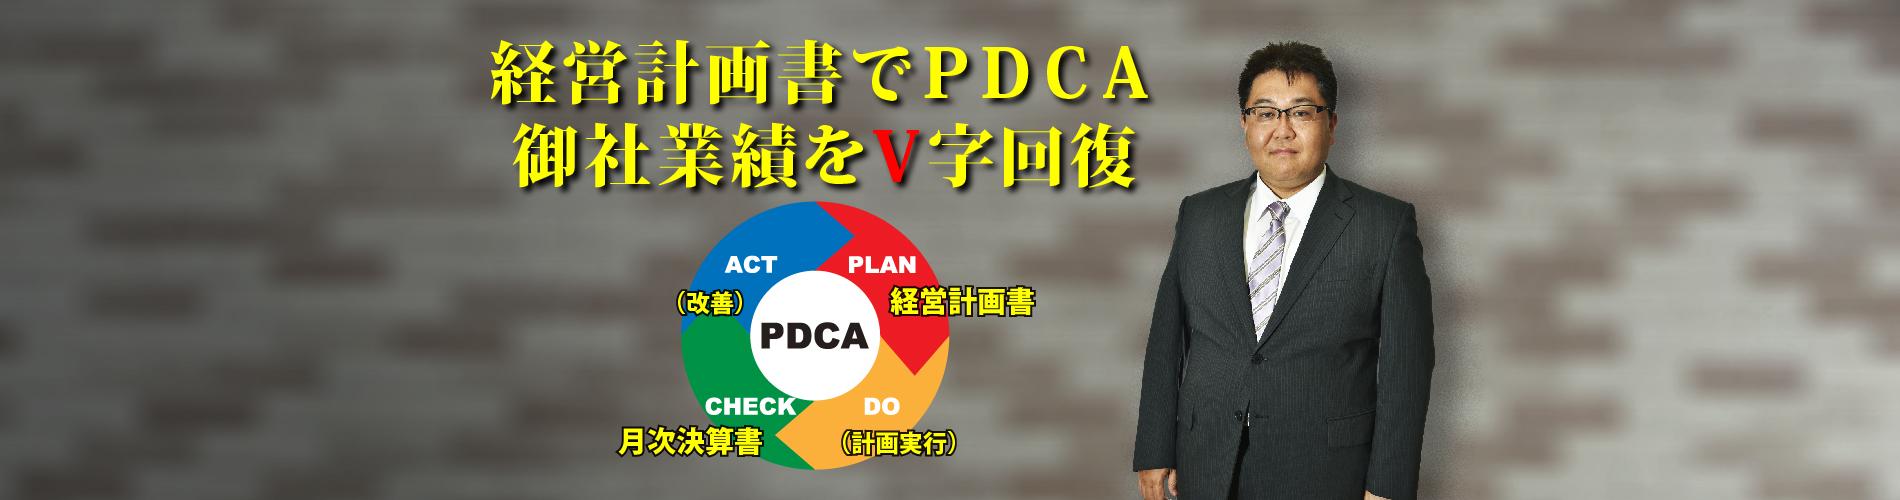 経営計画書でPDCA、御社業績をV字回復